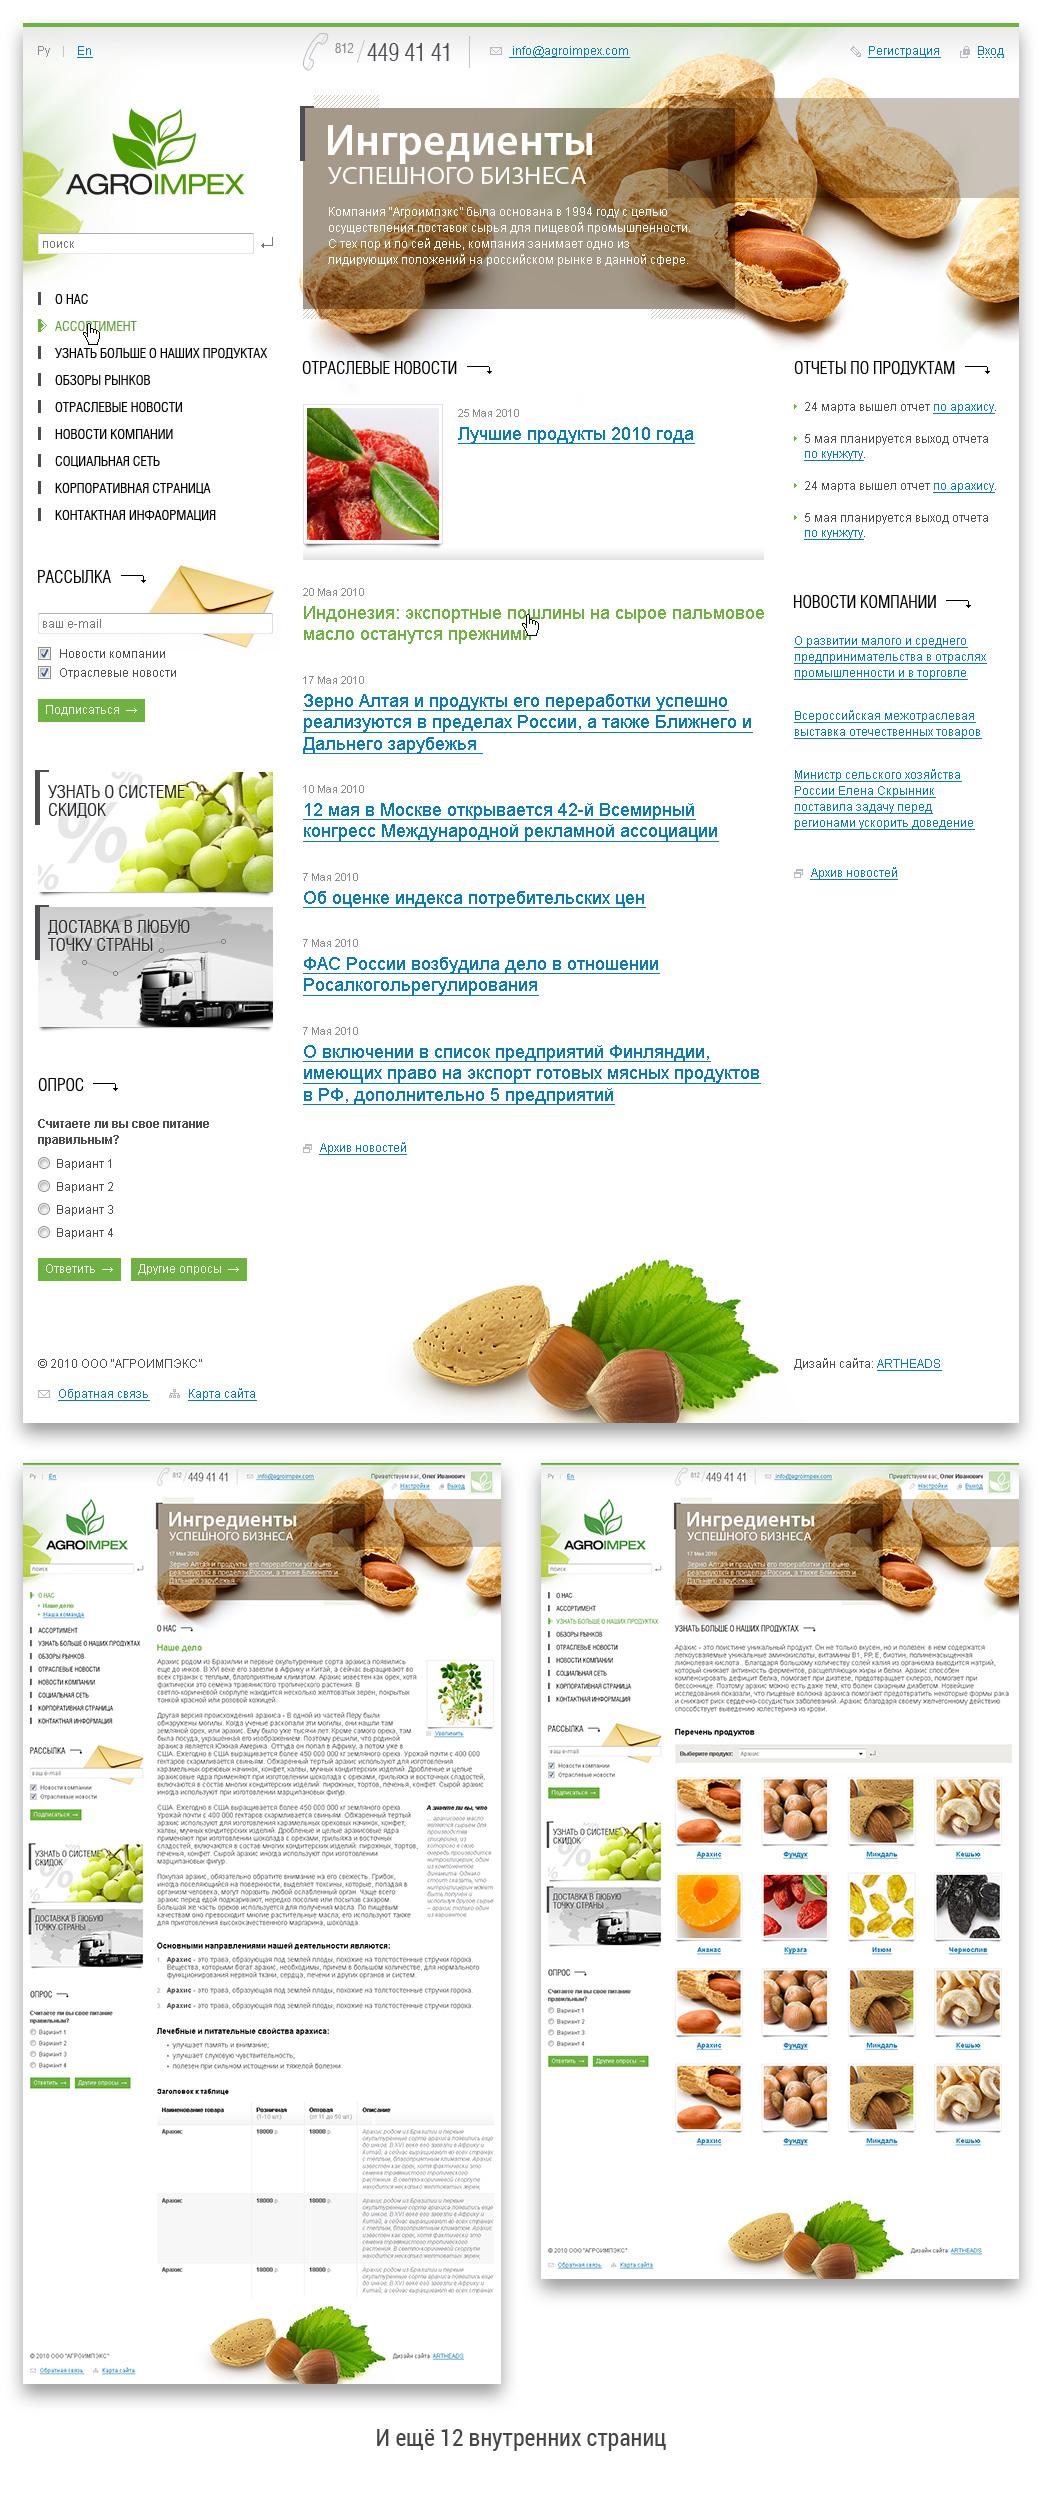 АГРОИМПЕКС - Сырьё для пищевой промышленности